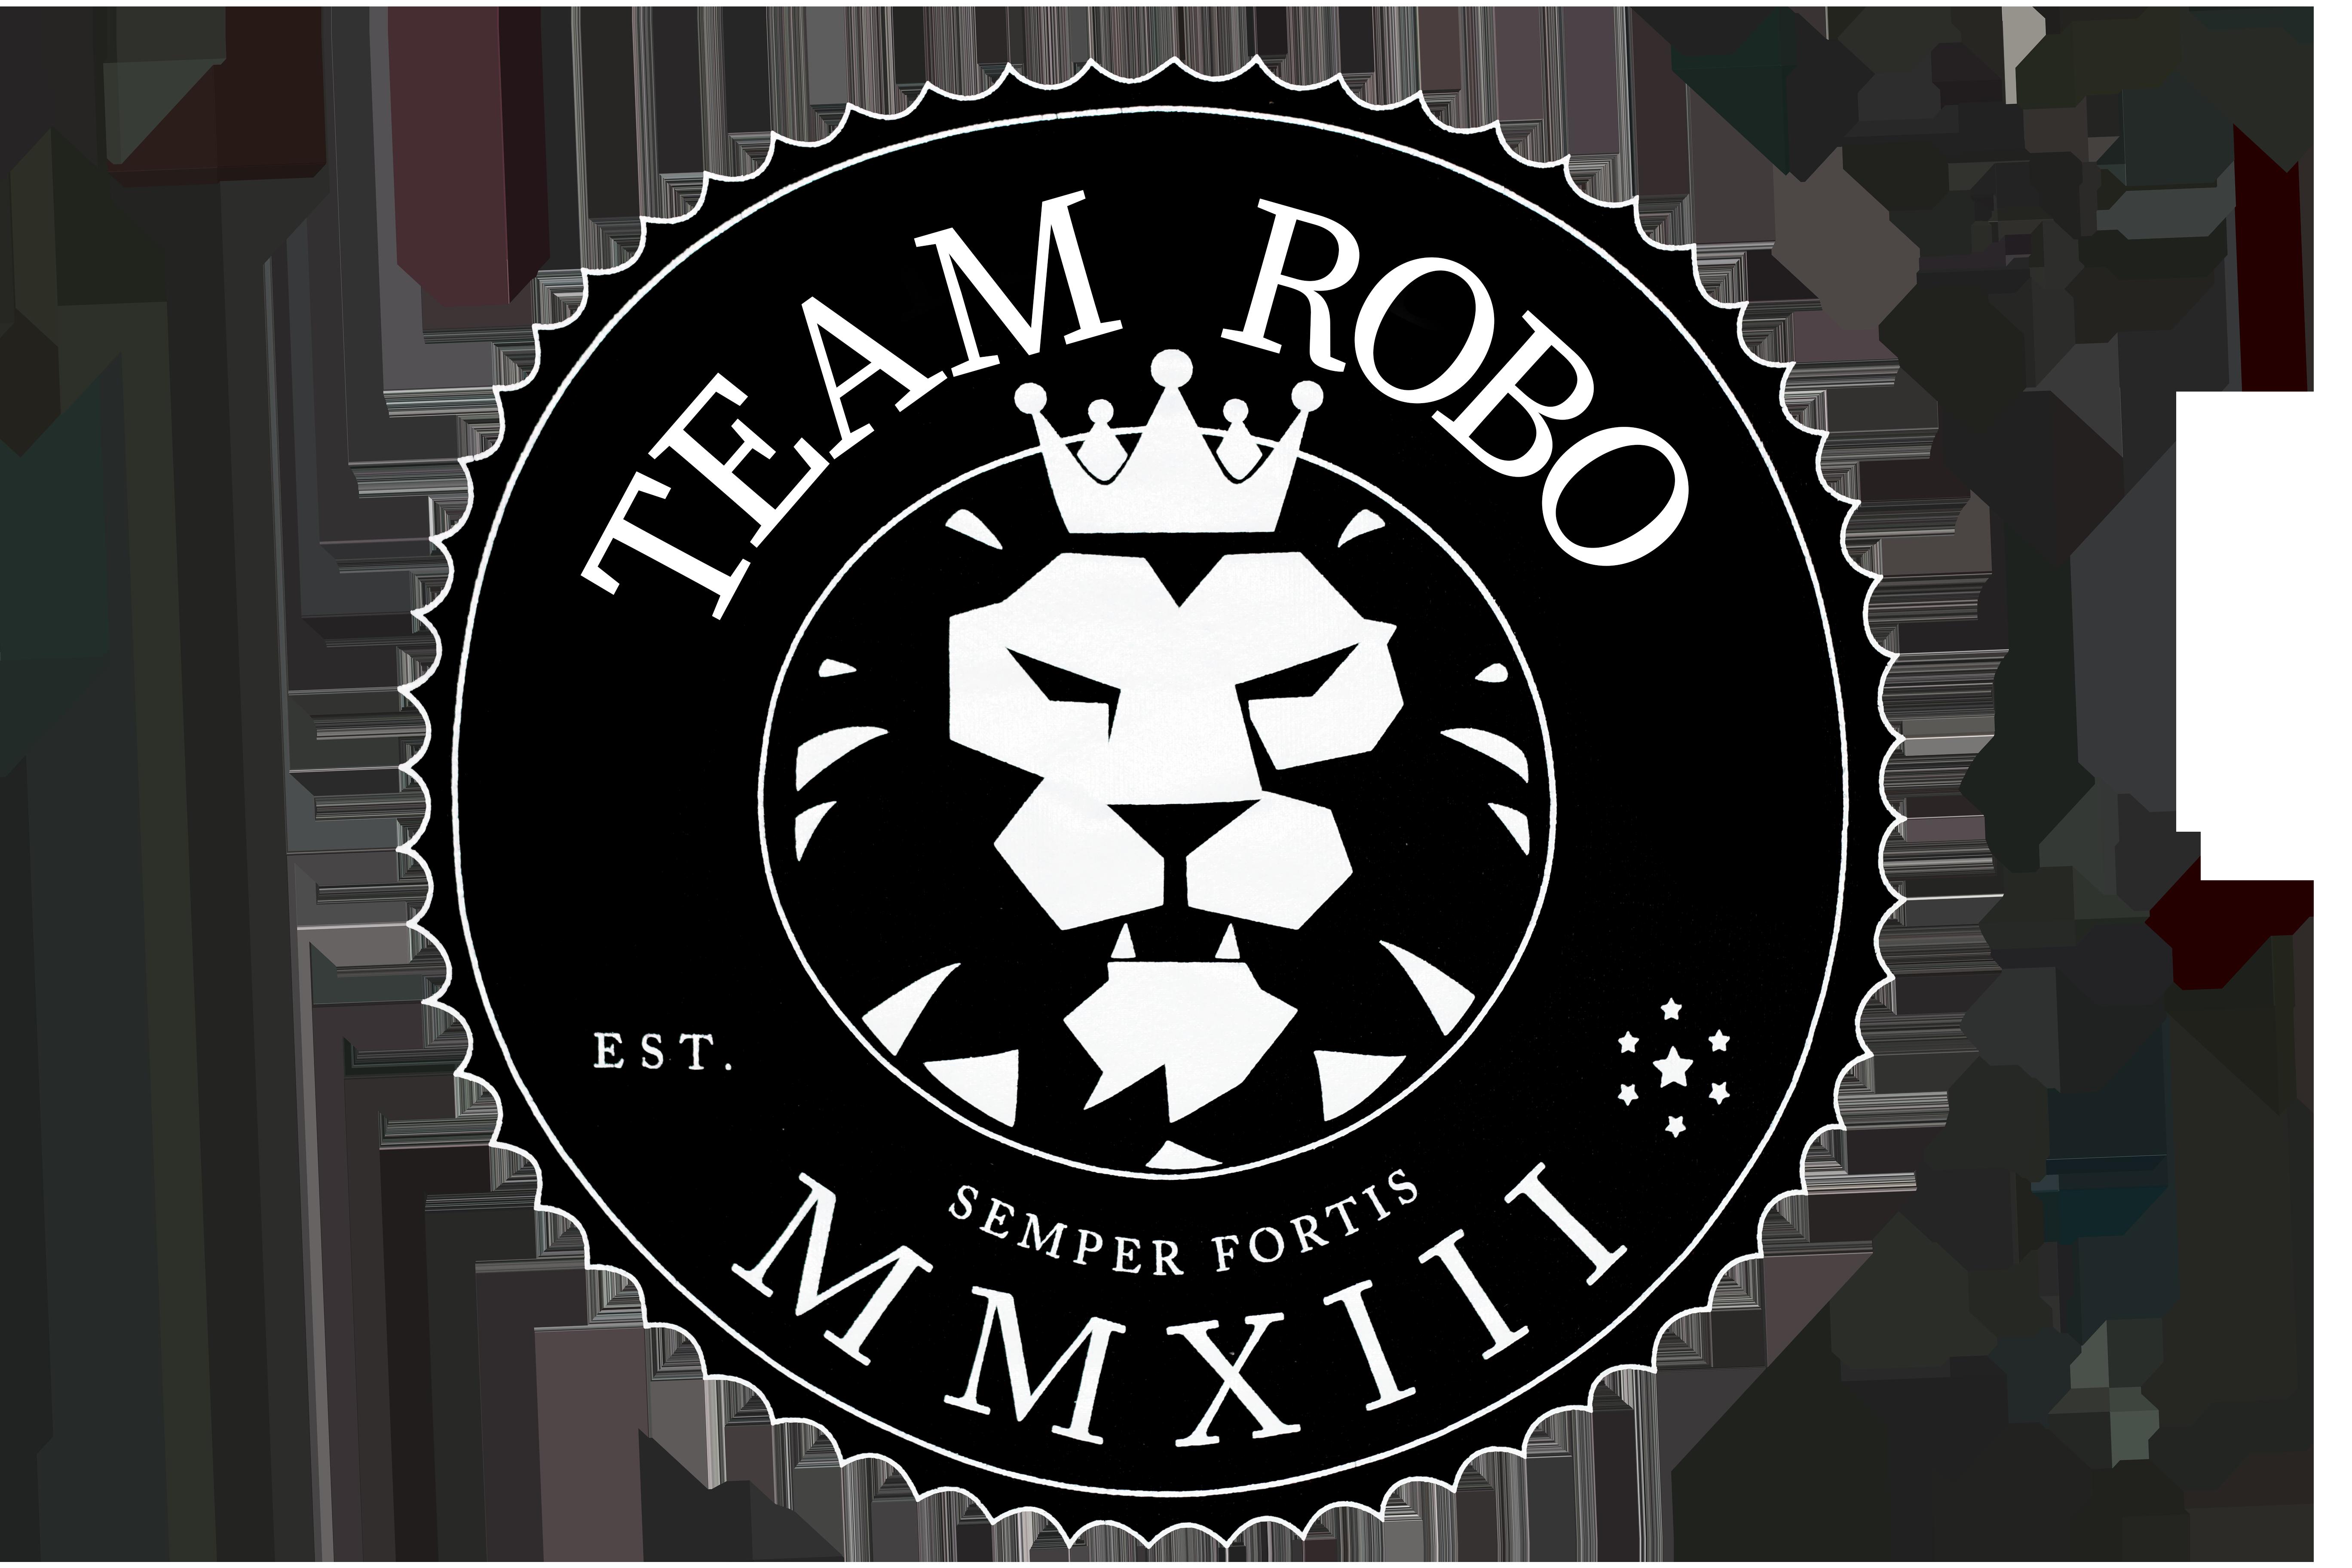 Team Robo